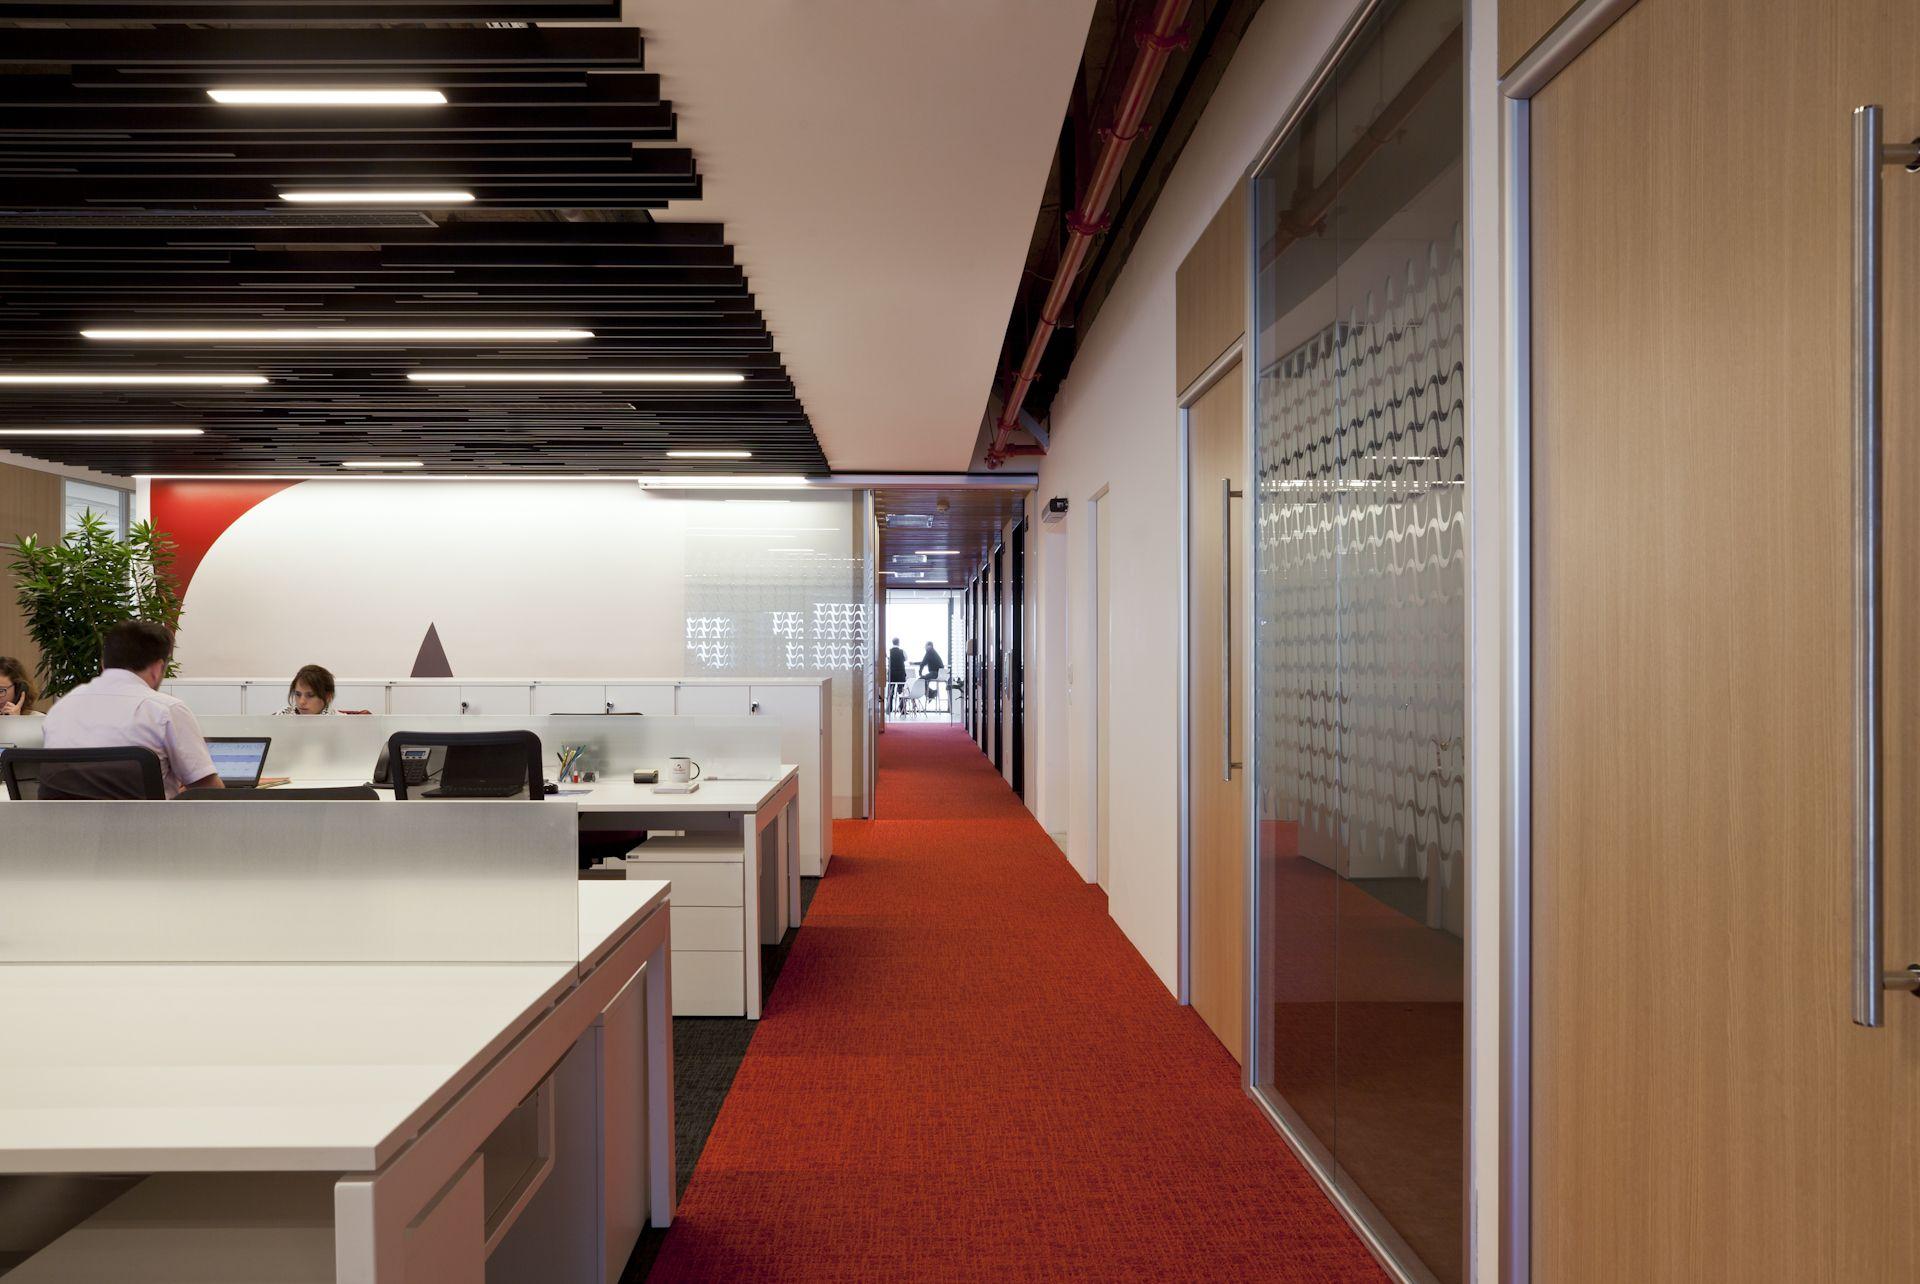 Open space e área de circulação stago #architecture #arquitetura